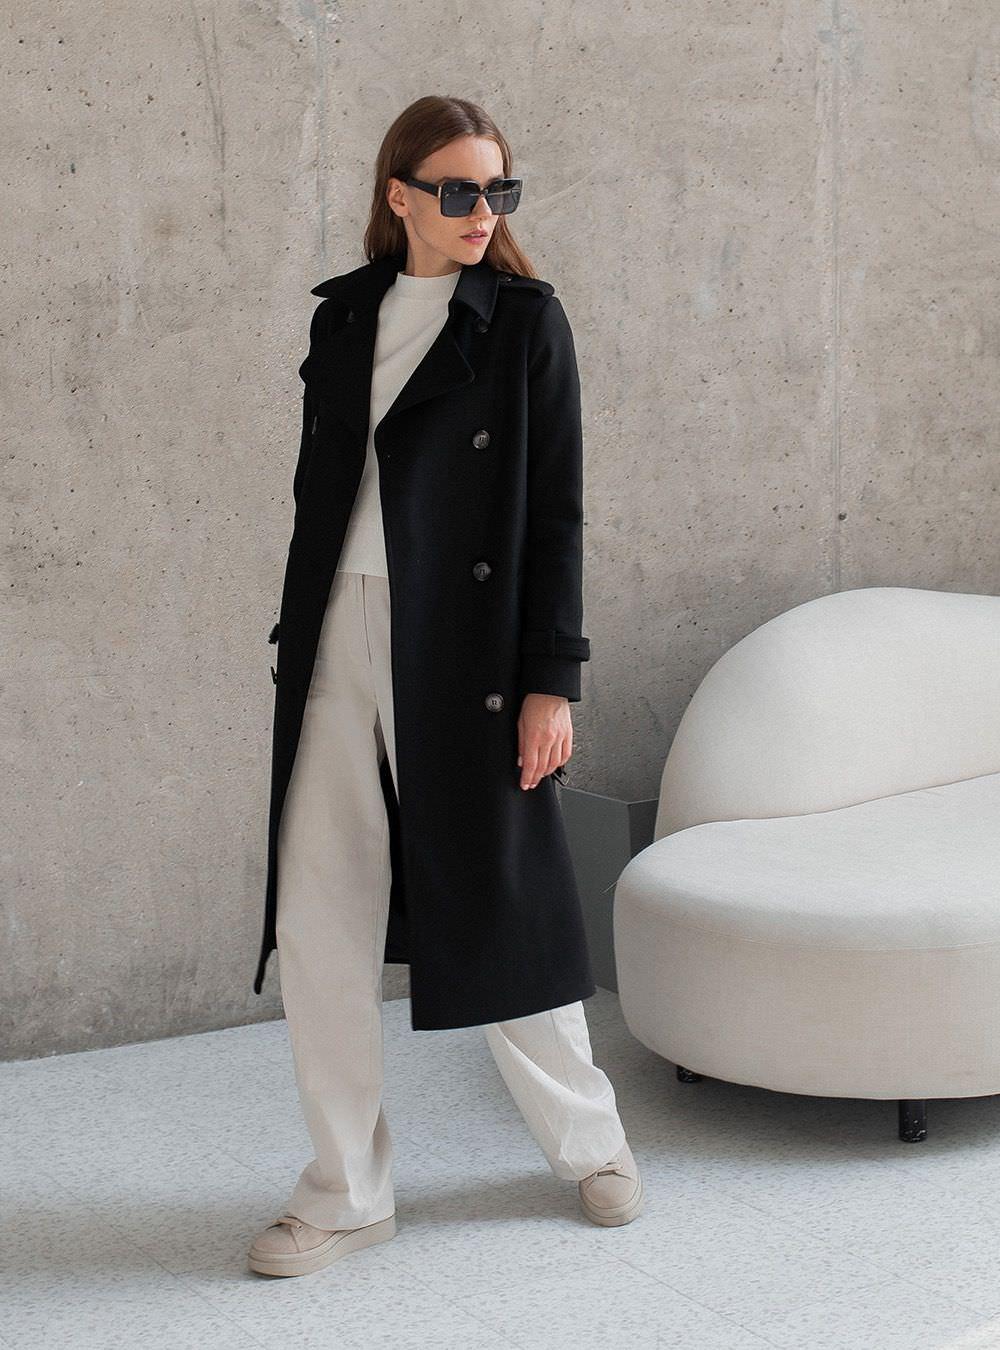 Прямой покрой пальто делает фигуру более изящной и стройной.